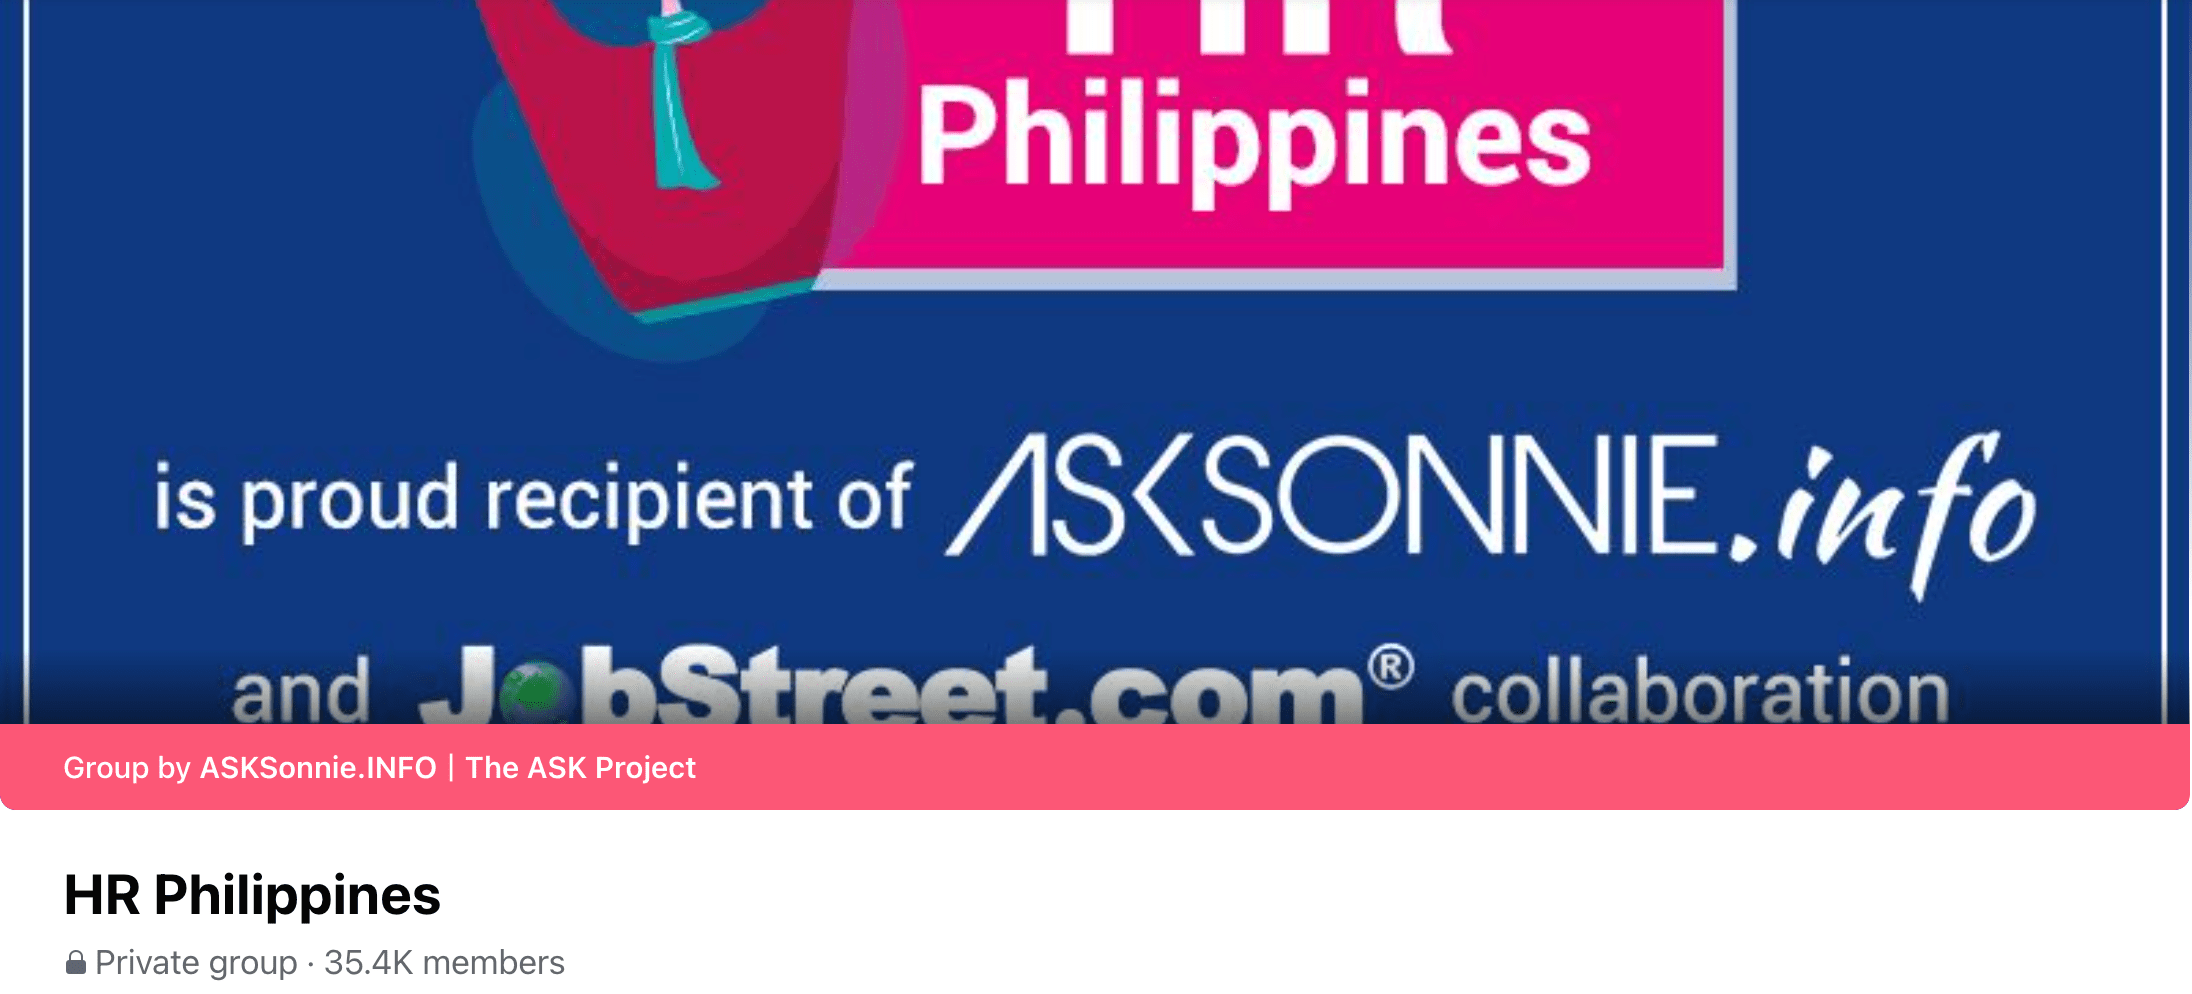 Grove HR - HR Facebook group - HR Philippines-min